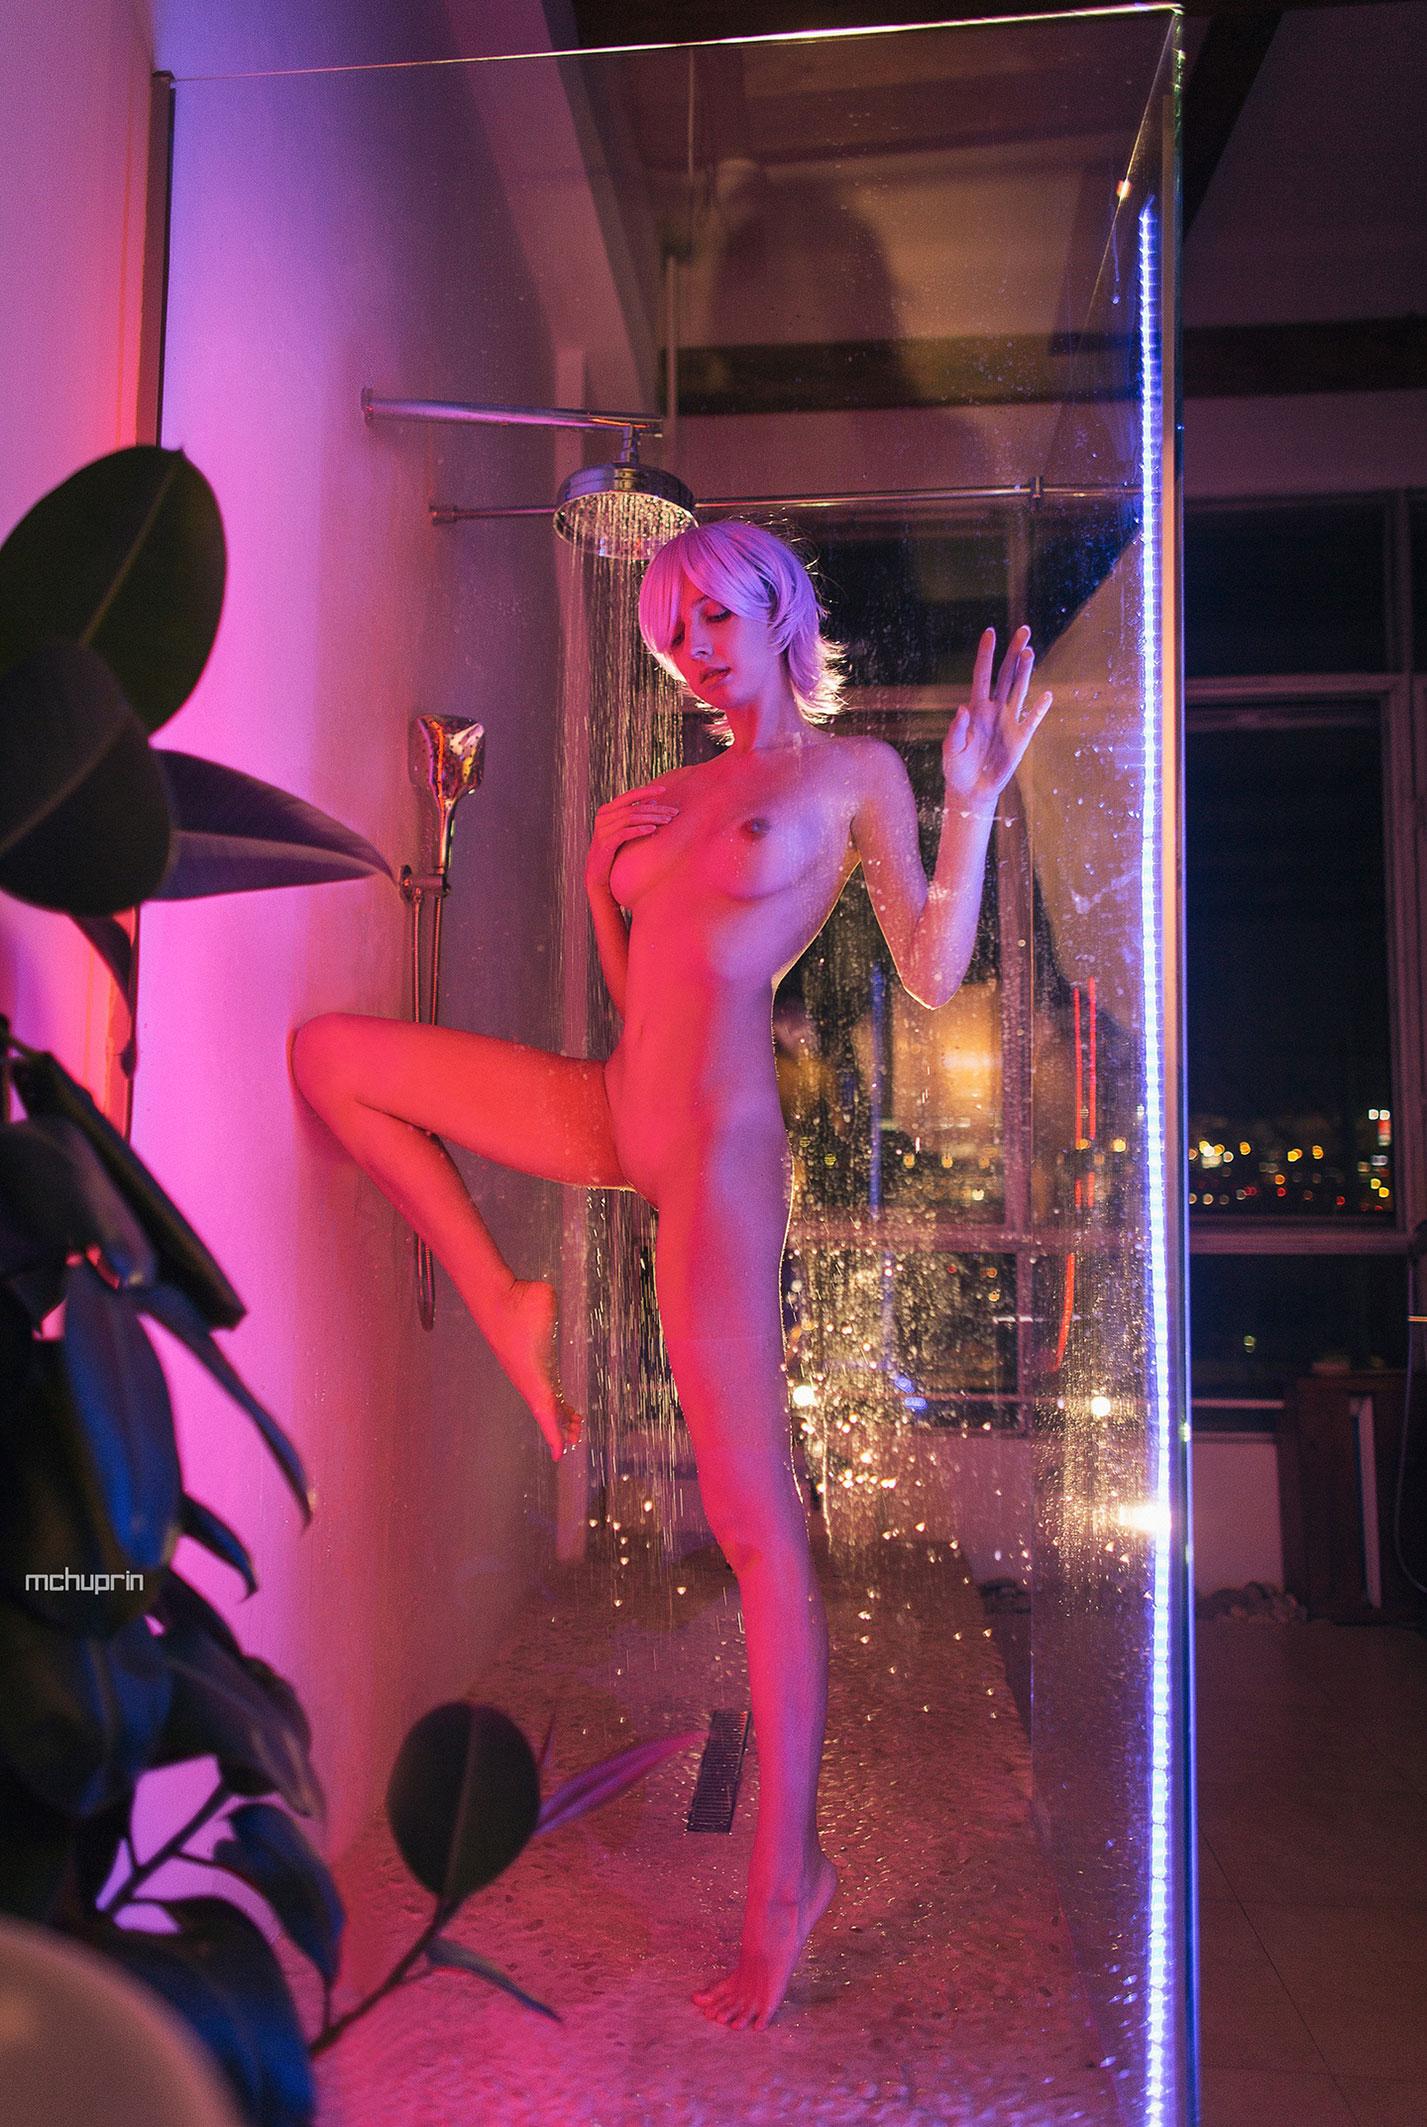 Катерина Райх принимает душ в пурпурных тонах / фото 06